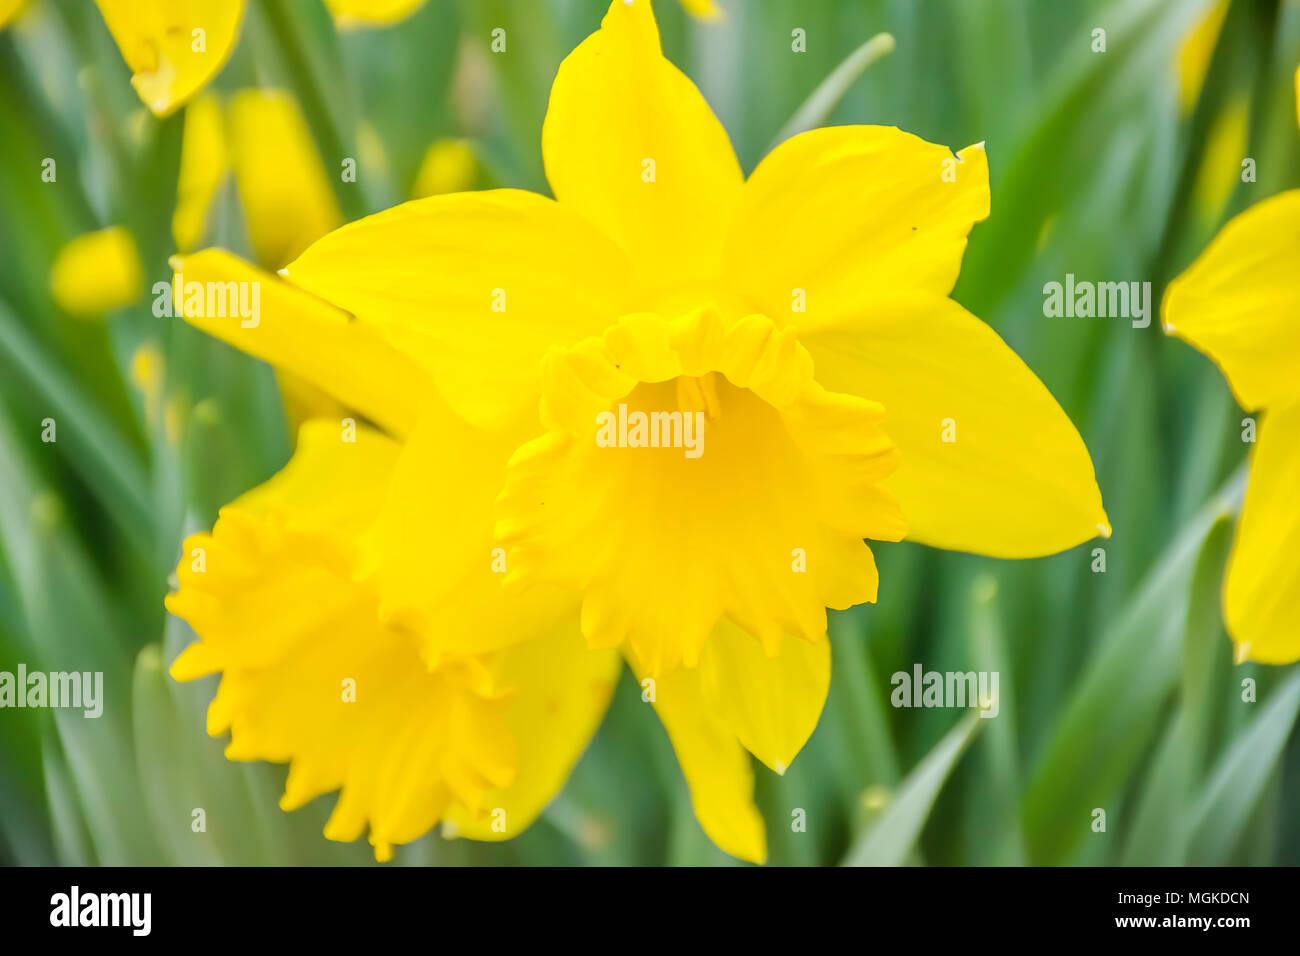 Les Jonquilles Fleurissent Sur Le Sol De La Foret Au Printemps